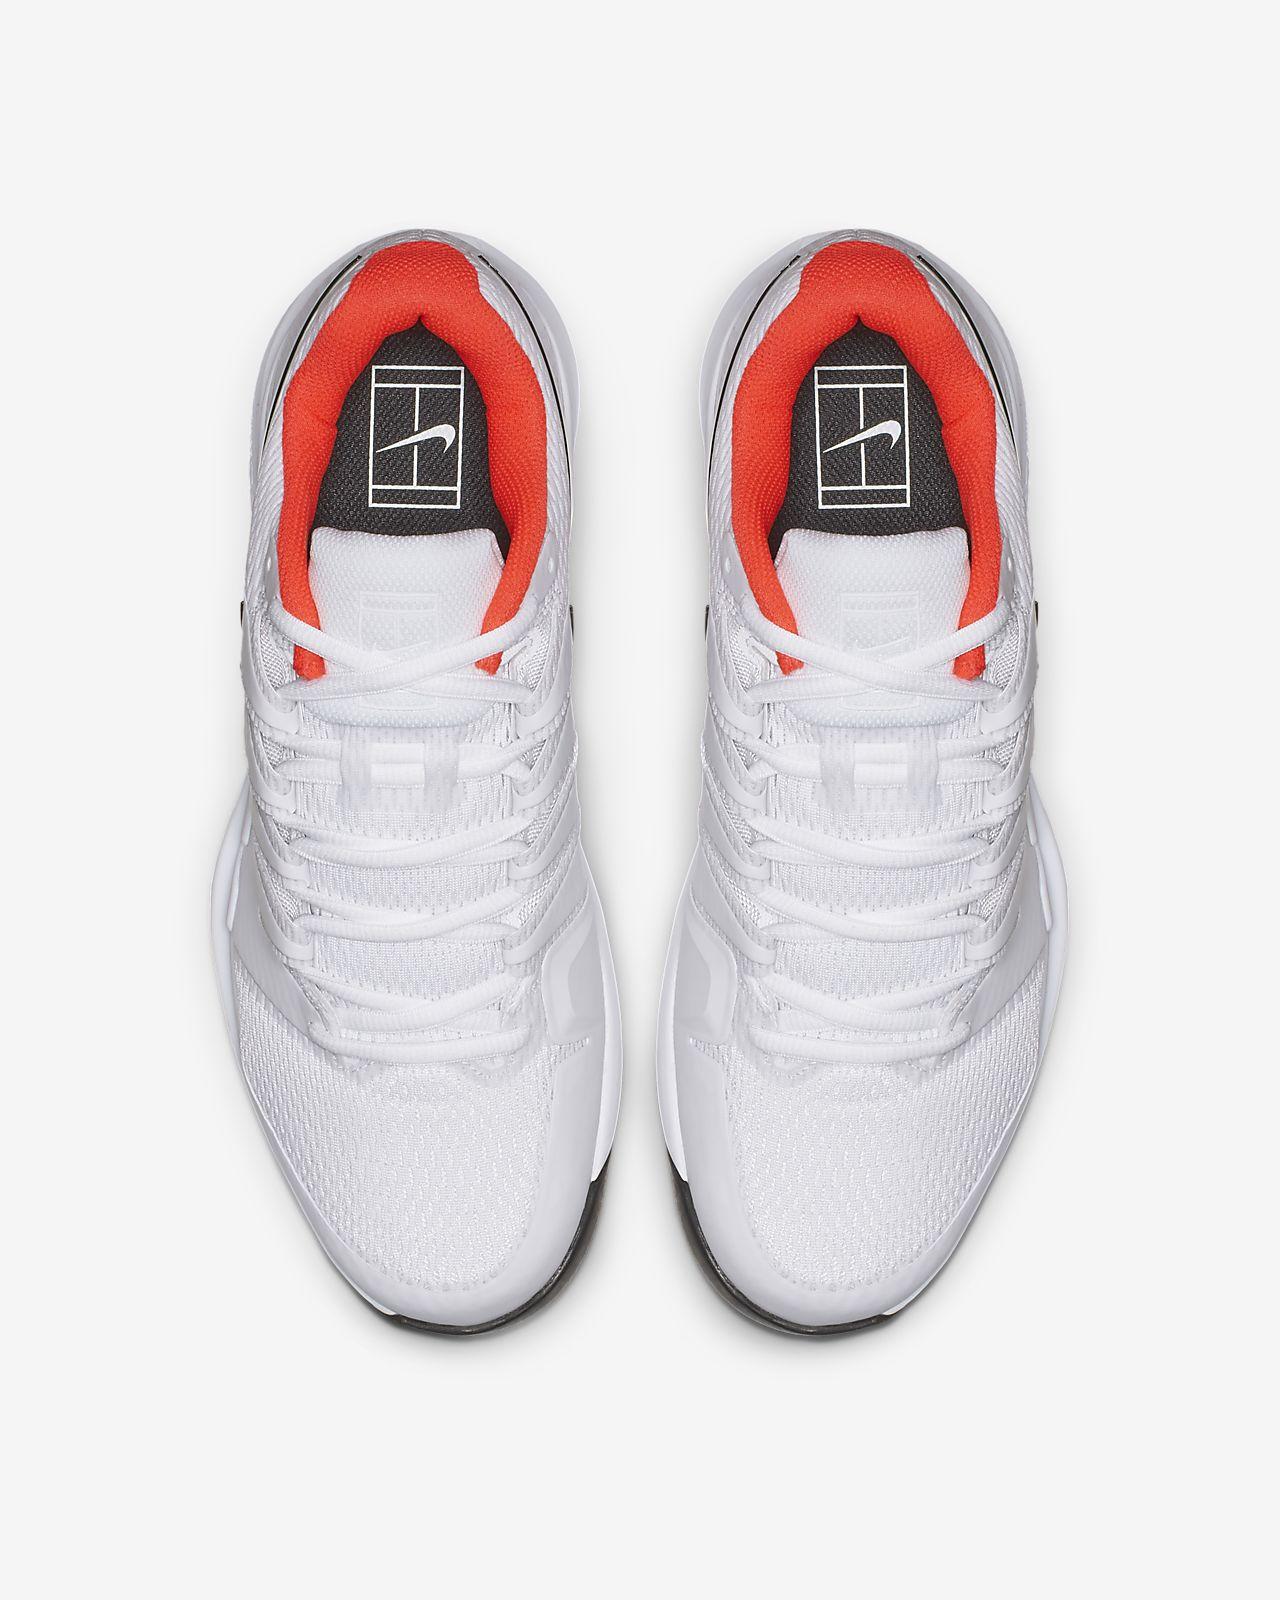 newest 3ecc6 4c4a3 ... Chaussure de tennis pour surface dure NikeCourt Air Zoom Vapor X pour  Homme